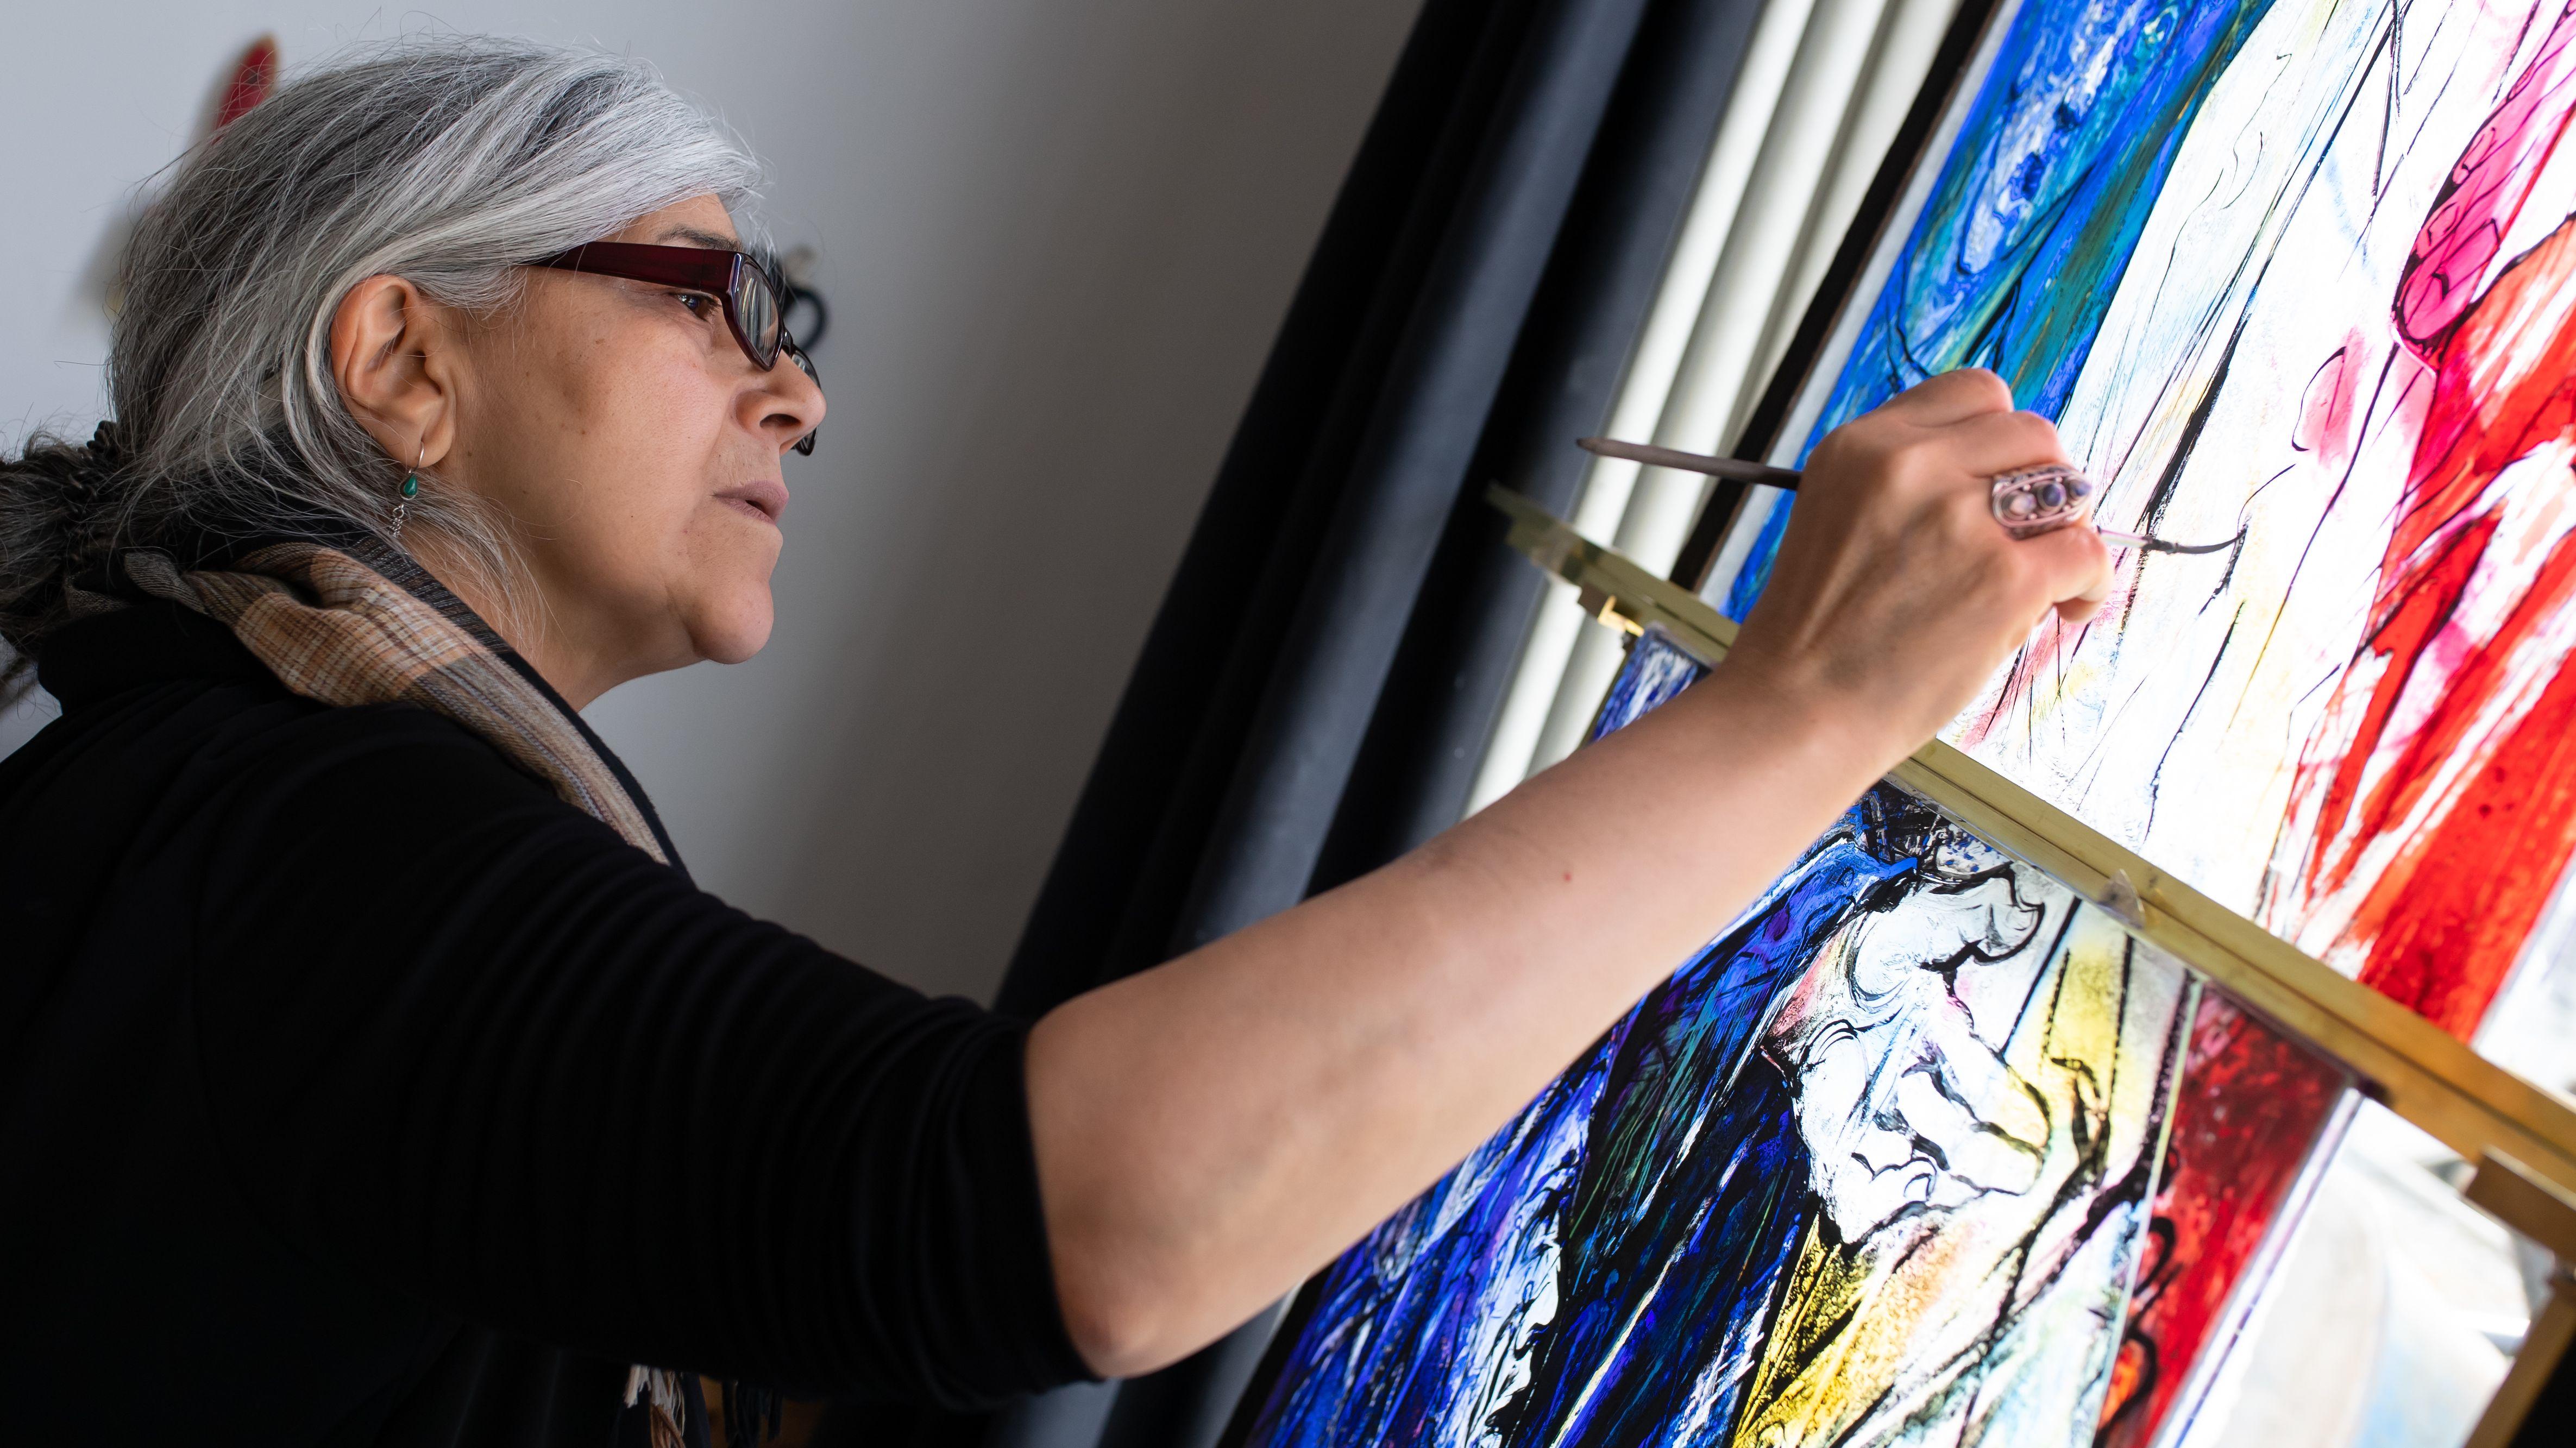 Mahbuba Maqsoodi, Künstlerin, arbeitet in der Bayerischen Hofglasmalerei Gustav van Treeck an einem Kirchenfenster für die Benediktiner-Abtei St. Mauritius in Tholey. In Zusammenarbeit mit renommierten Künstlern entstehen in der Hofglasmalerei Kunstwerke in moderner Glasmalerei, Glasskulpturen und exklusive Mosaike.